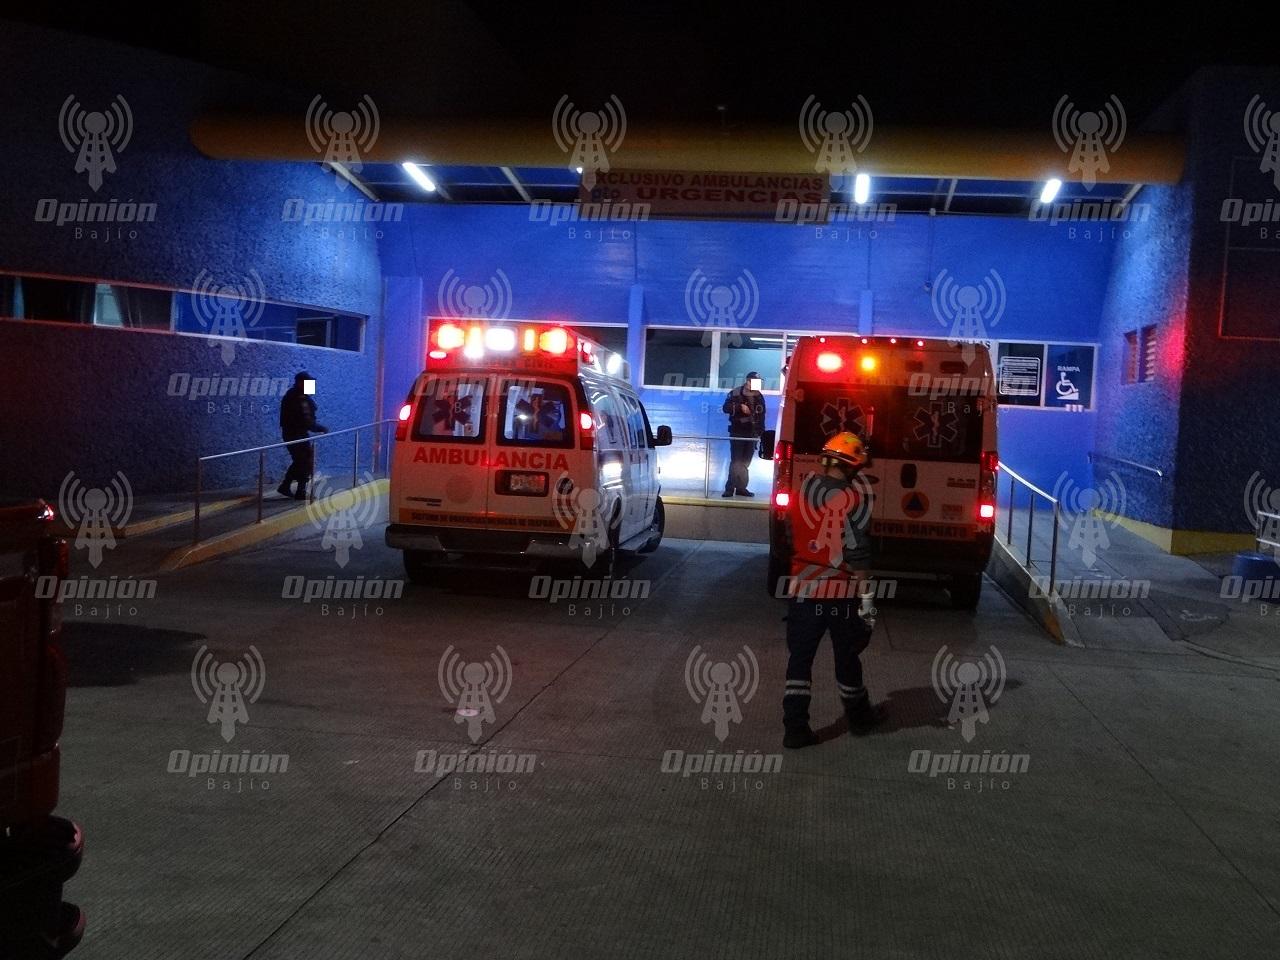 Sujeto agresivo provoca explosión con gas para evitar ser detenido; hay 5 policías heridos